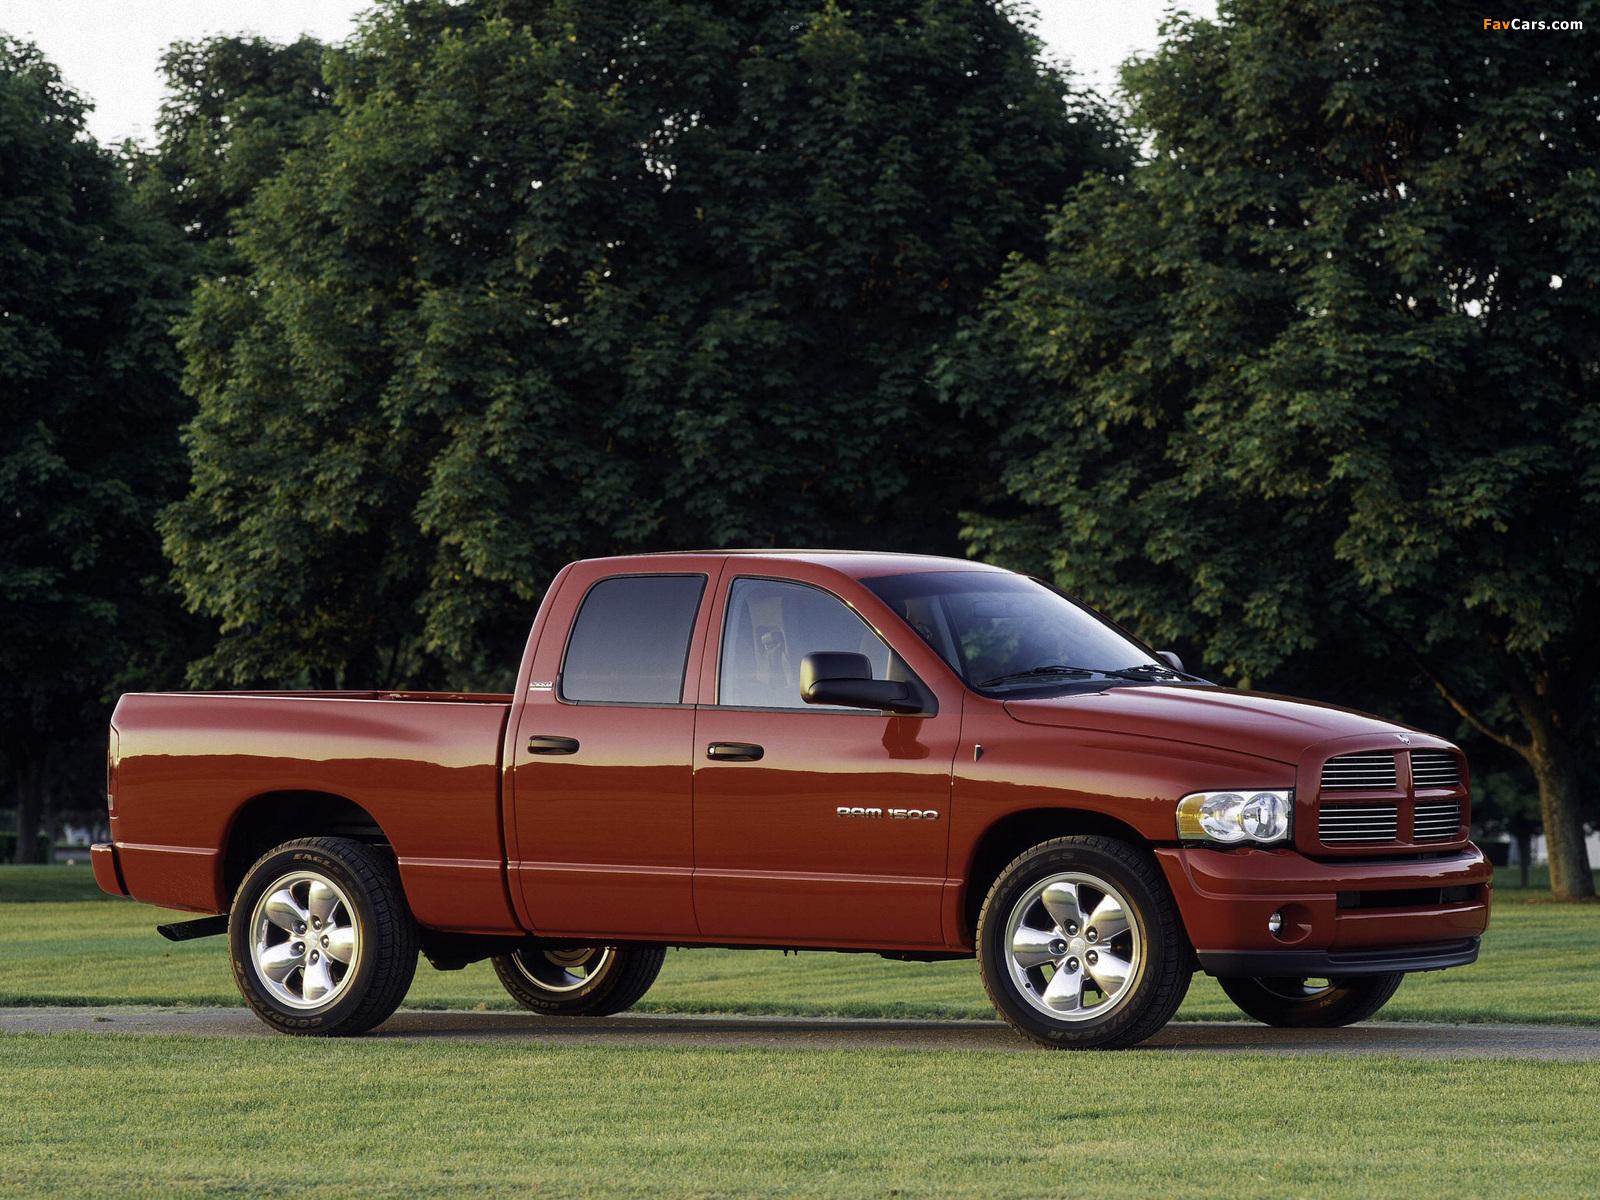 Dodge Ram 1500 Quad Cab photos (1600 x 1200)